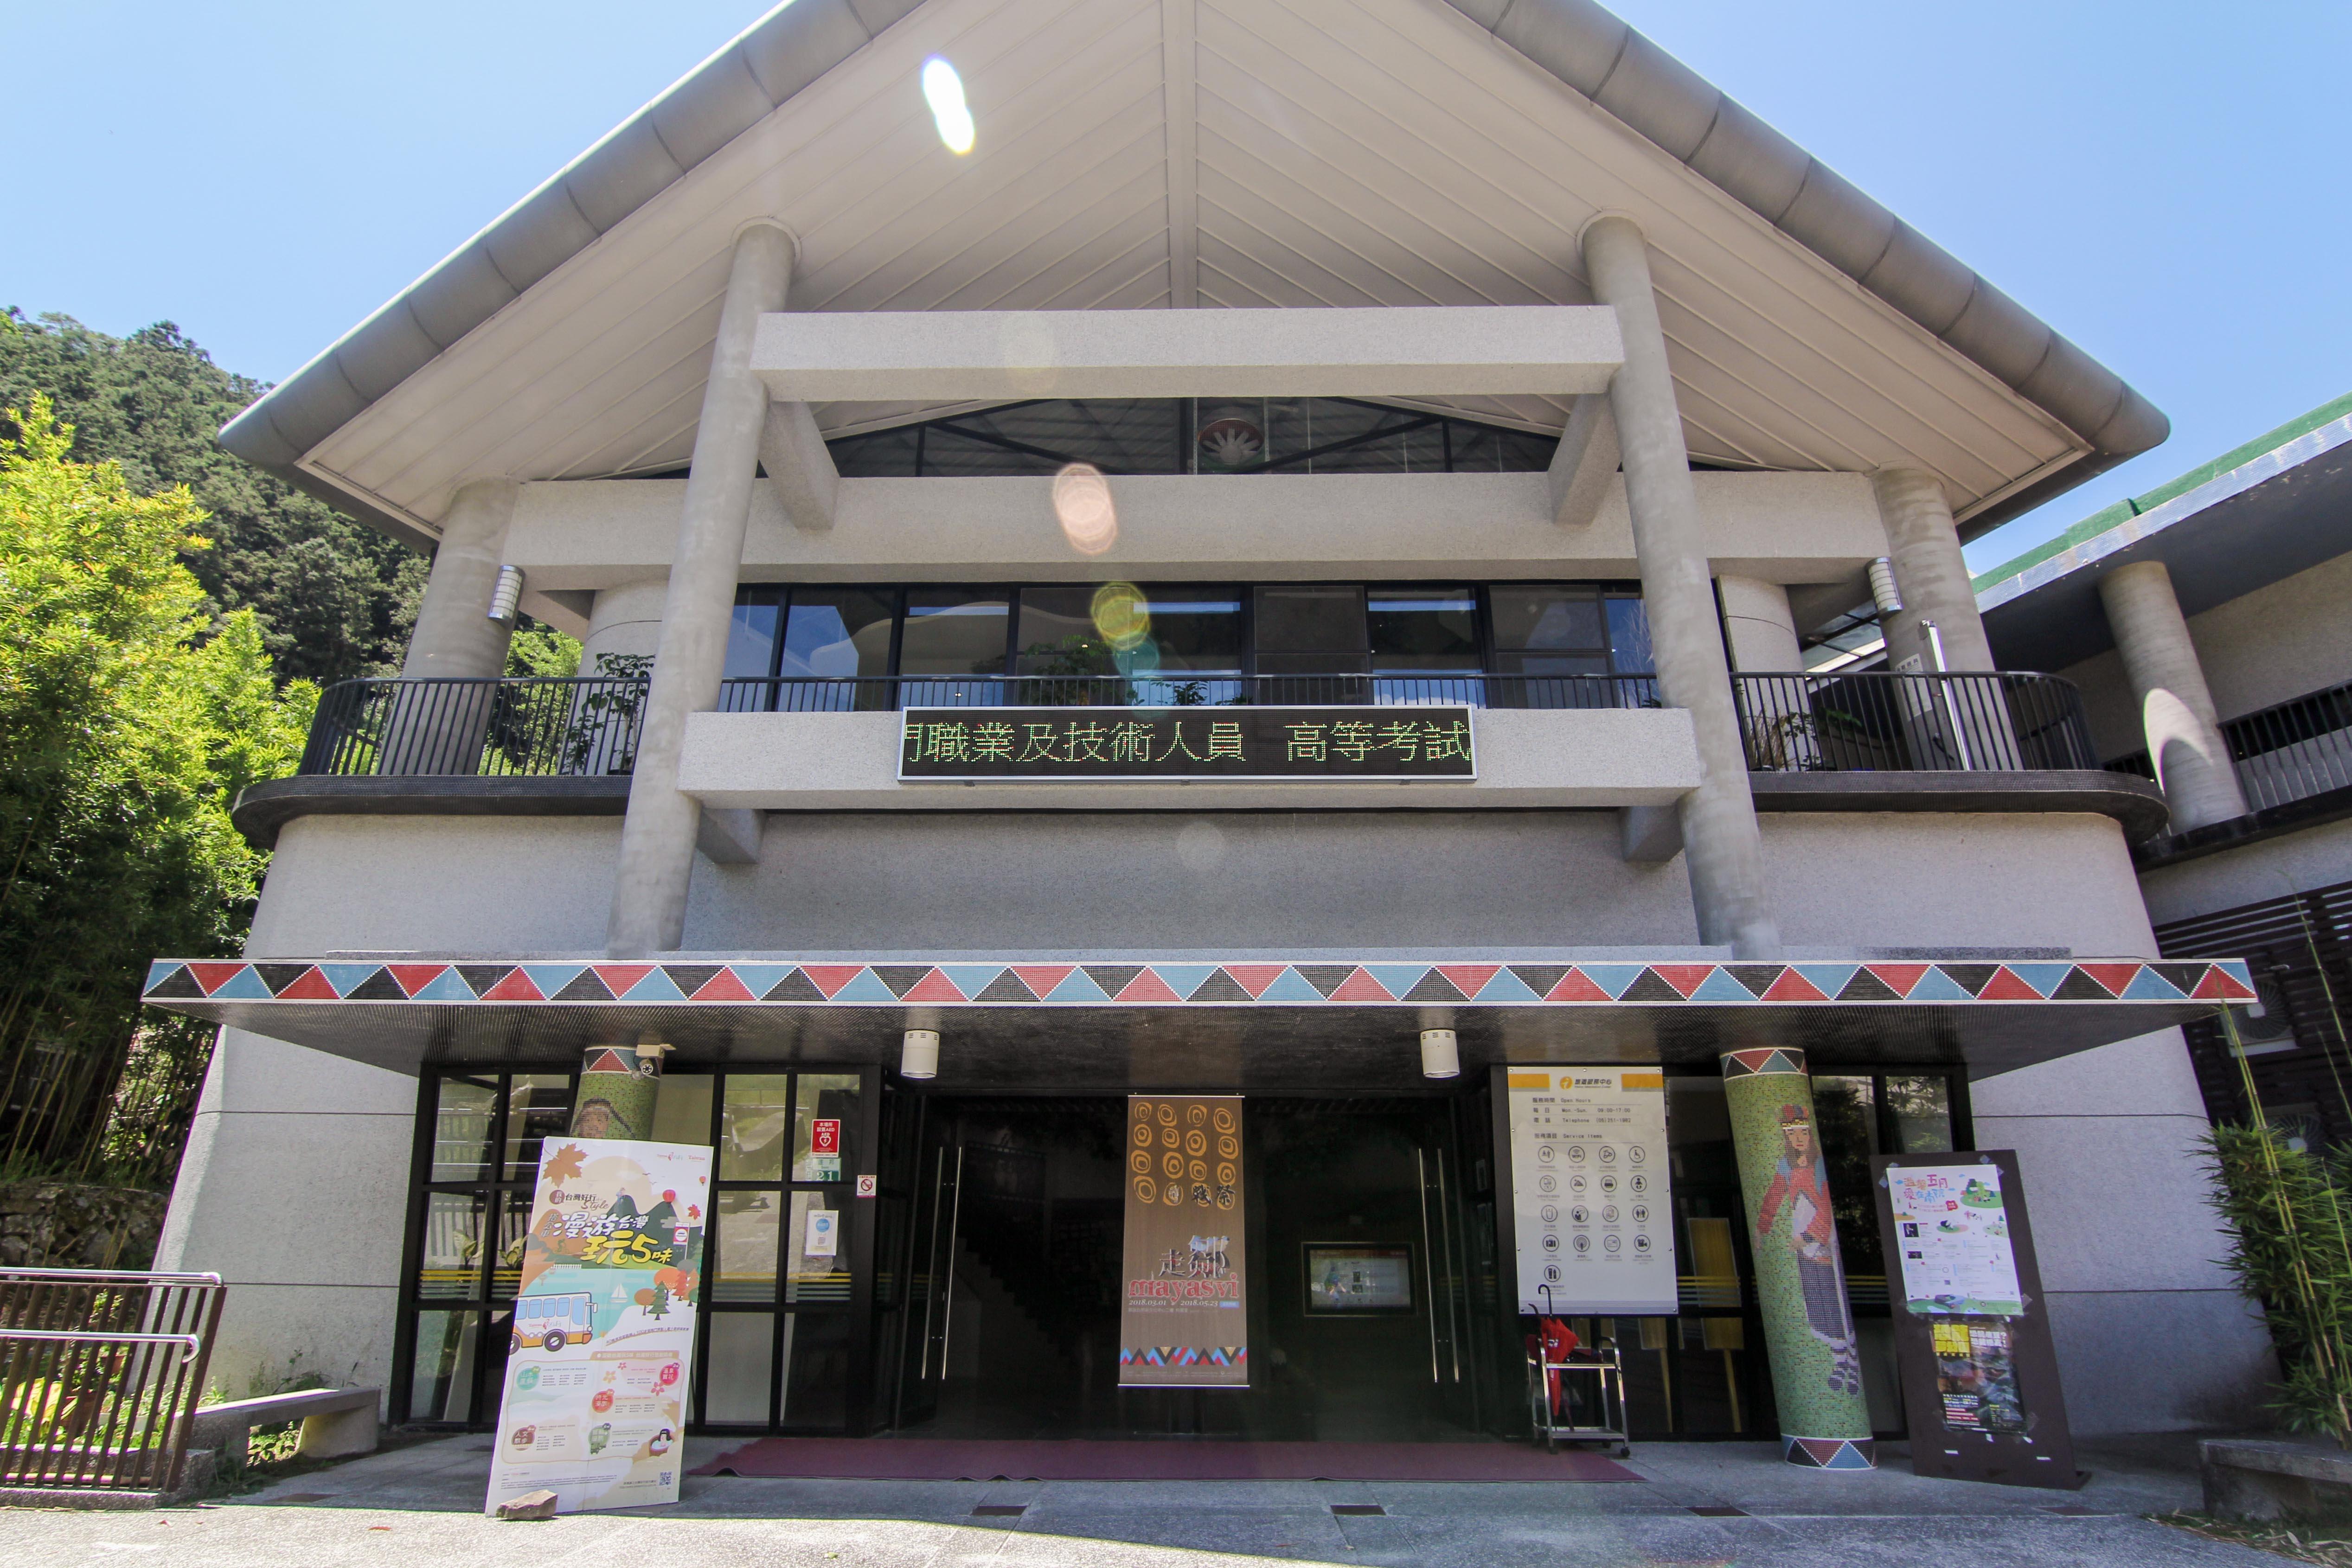 文化中心入口